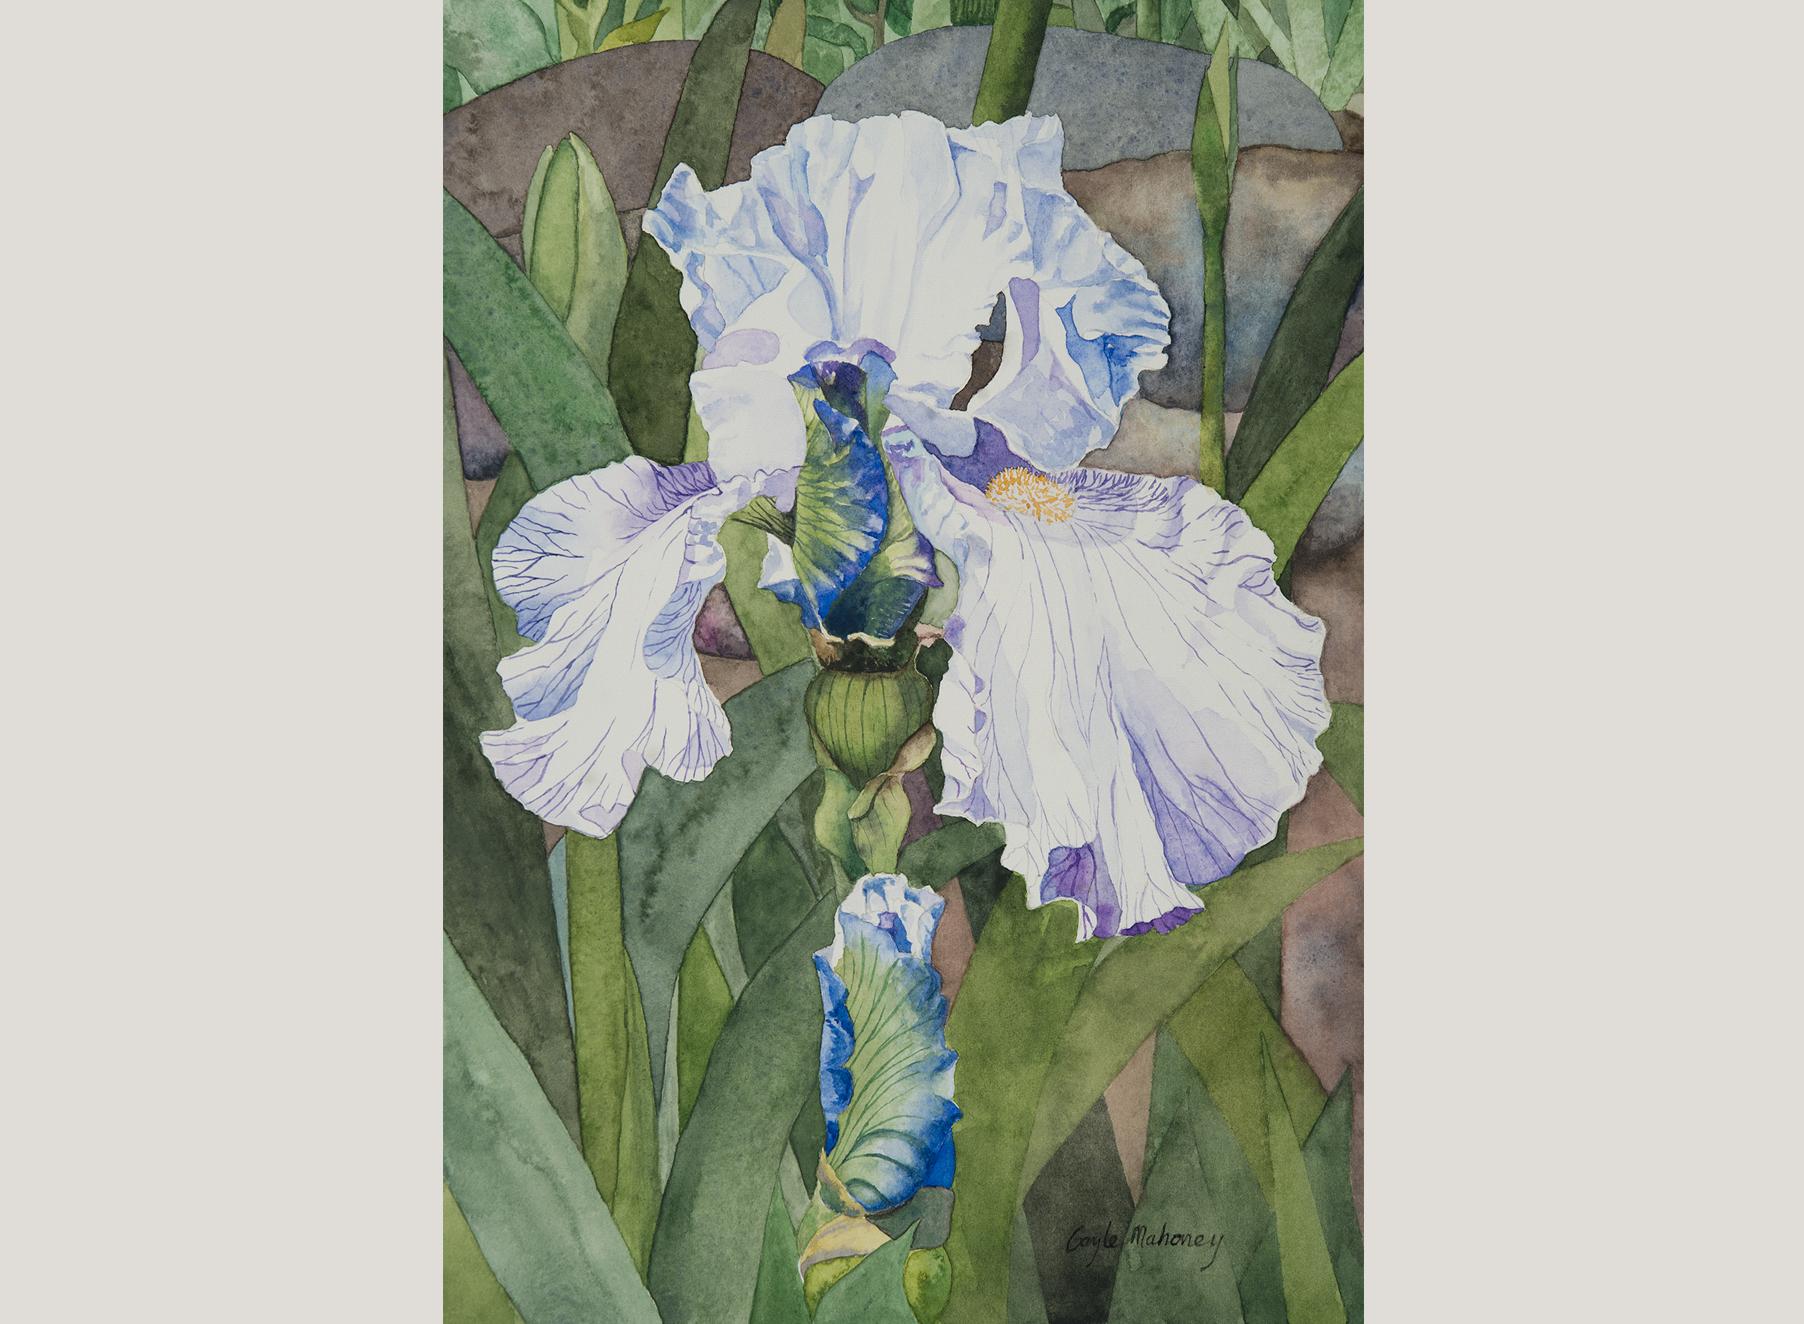 Iris and Stones